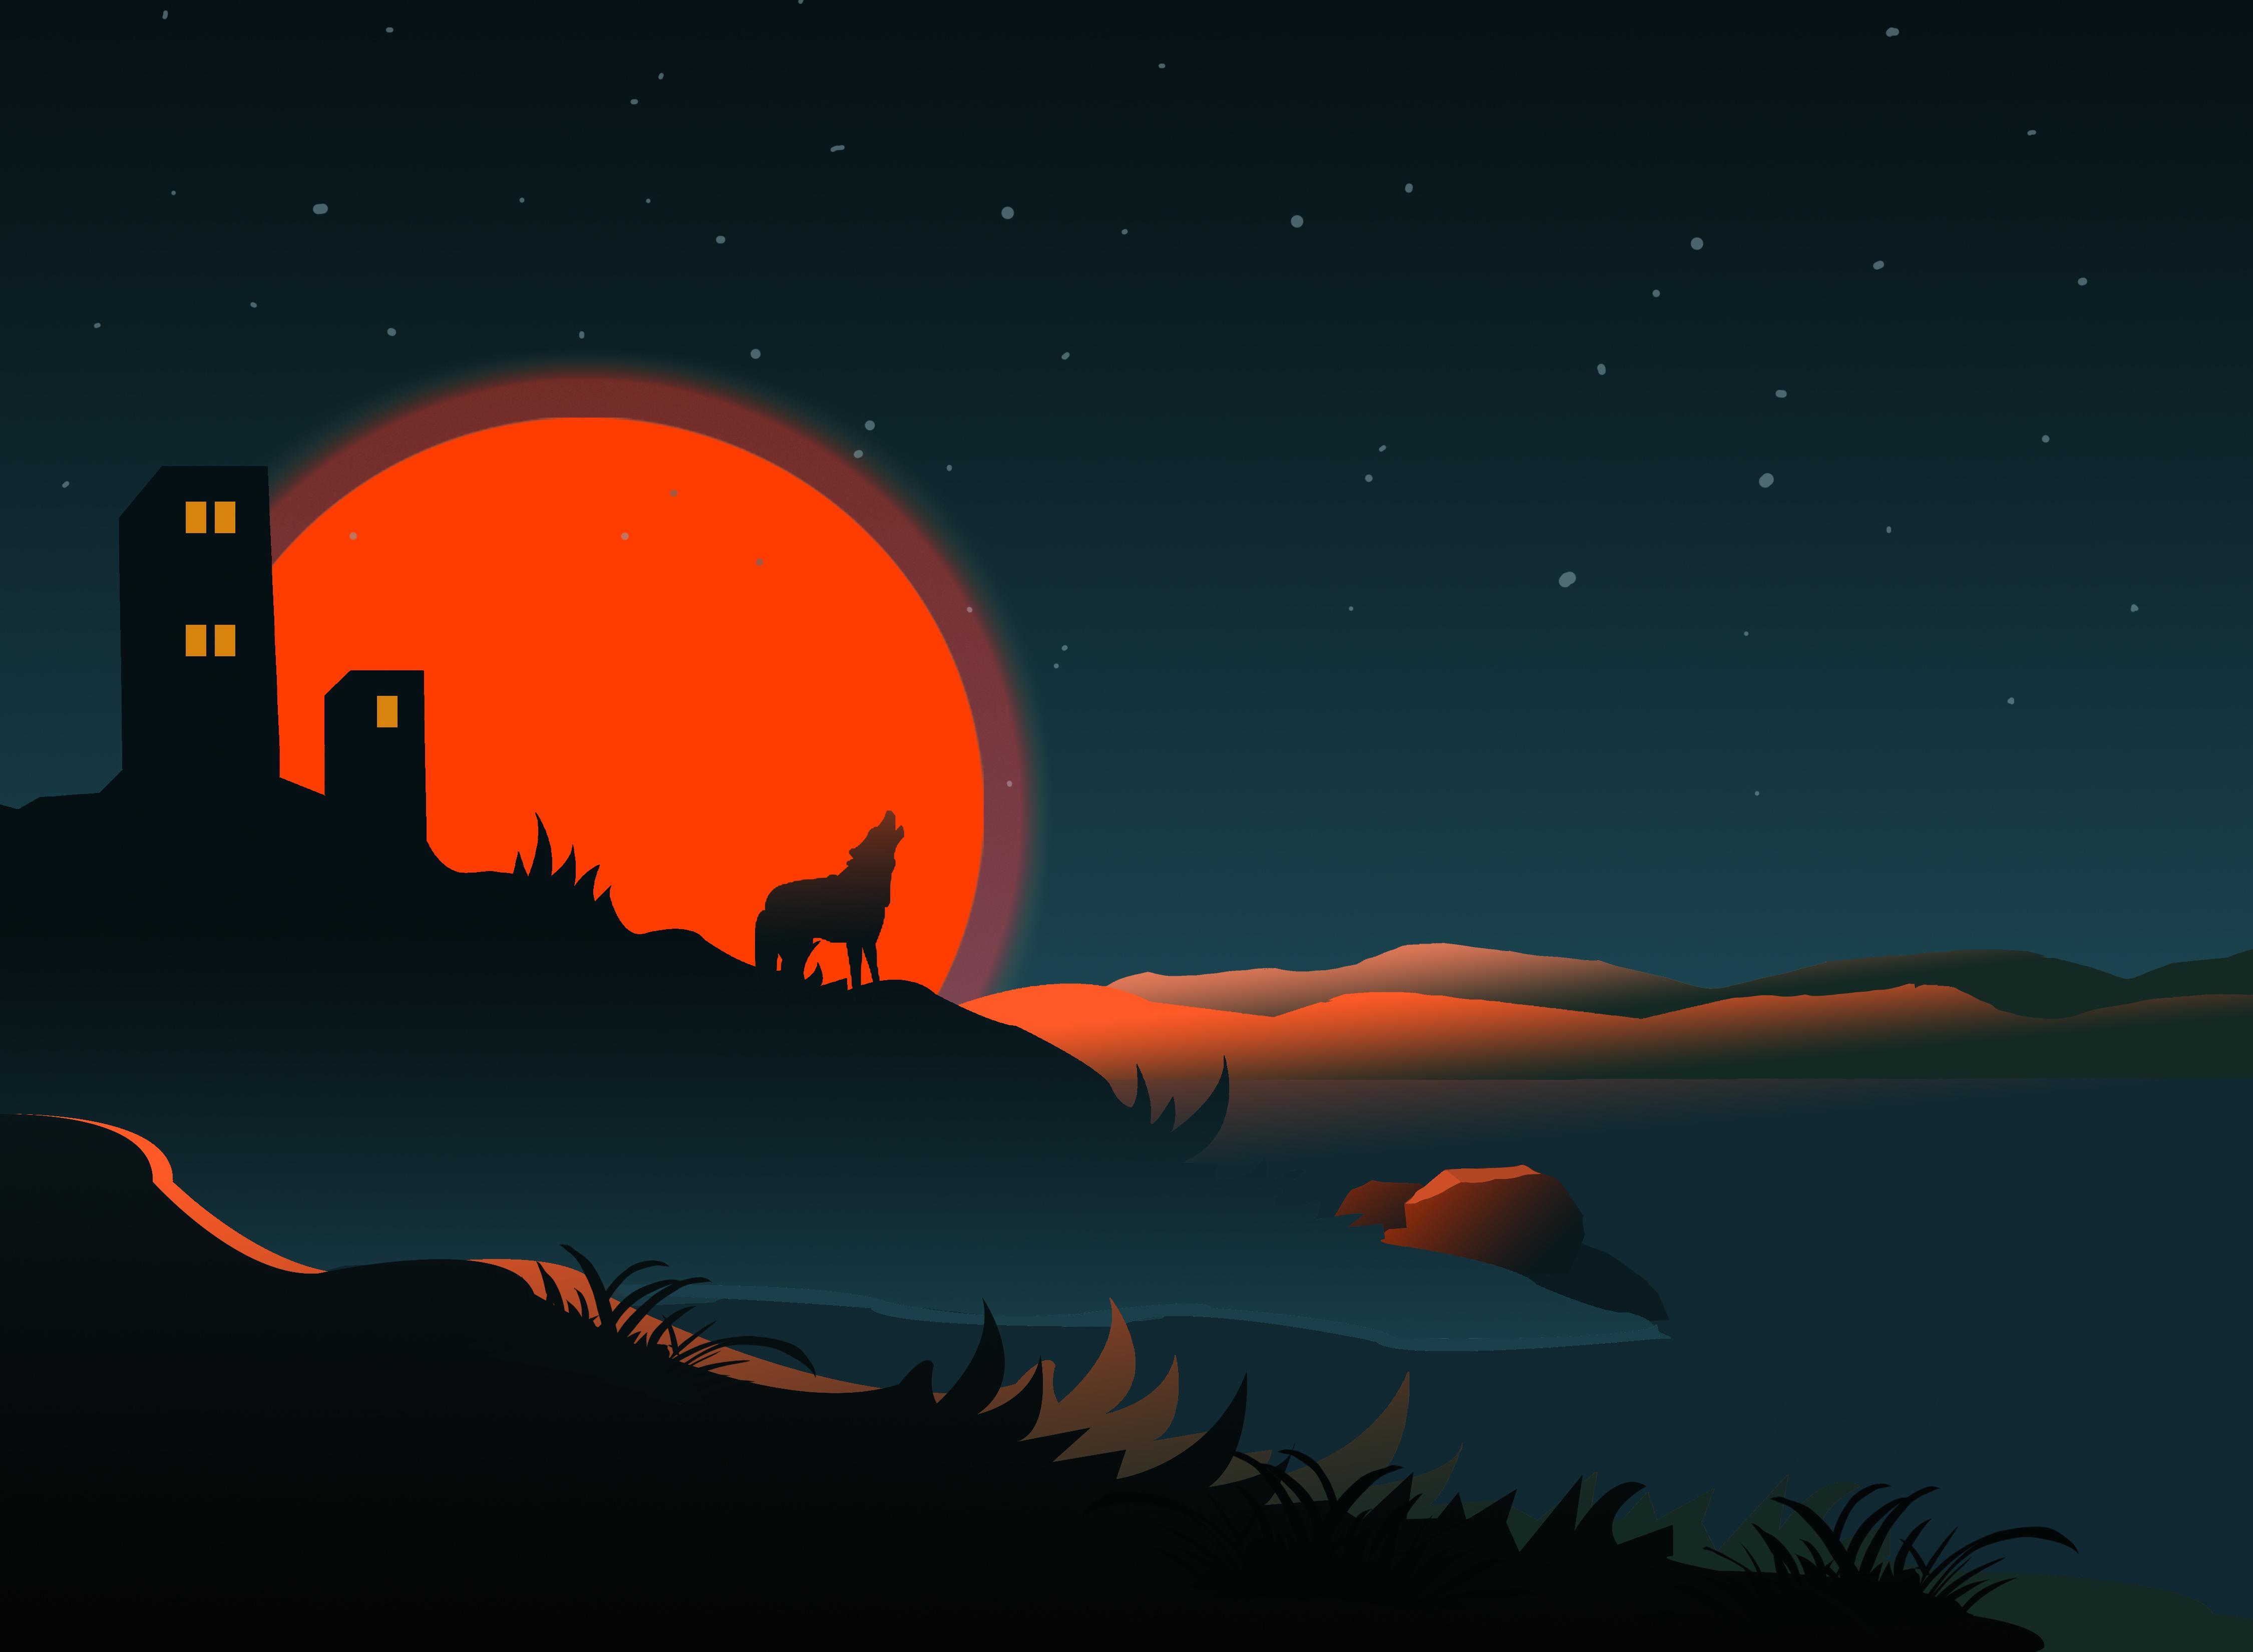 143113 Заставки и Обои Вектор на телефон. Скачать Вектор, Арт, Солнце, Силуэт, Волк, Здание картинки бесплатно